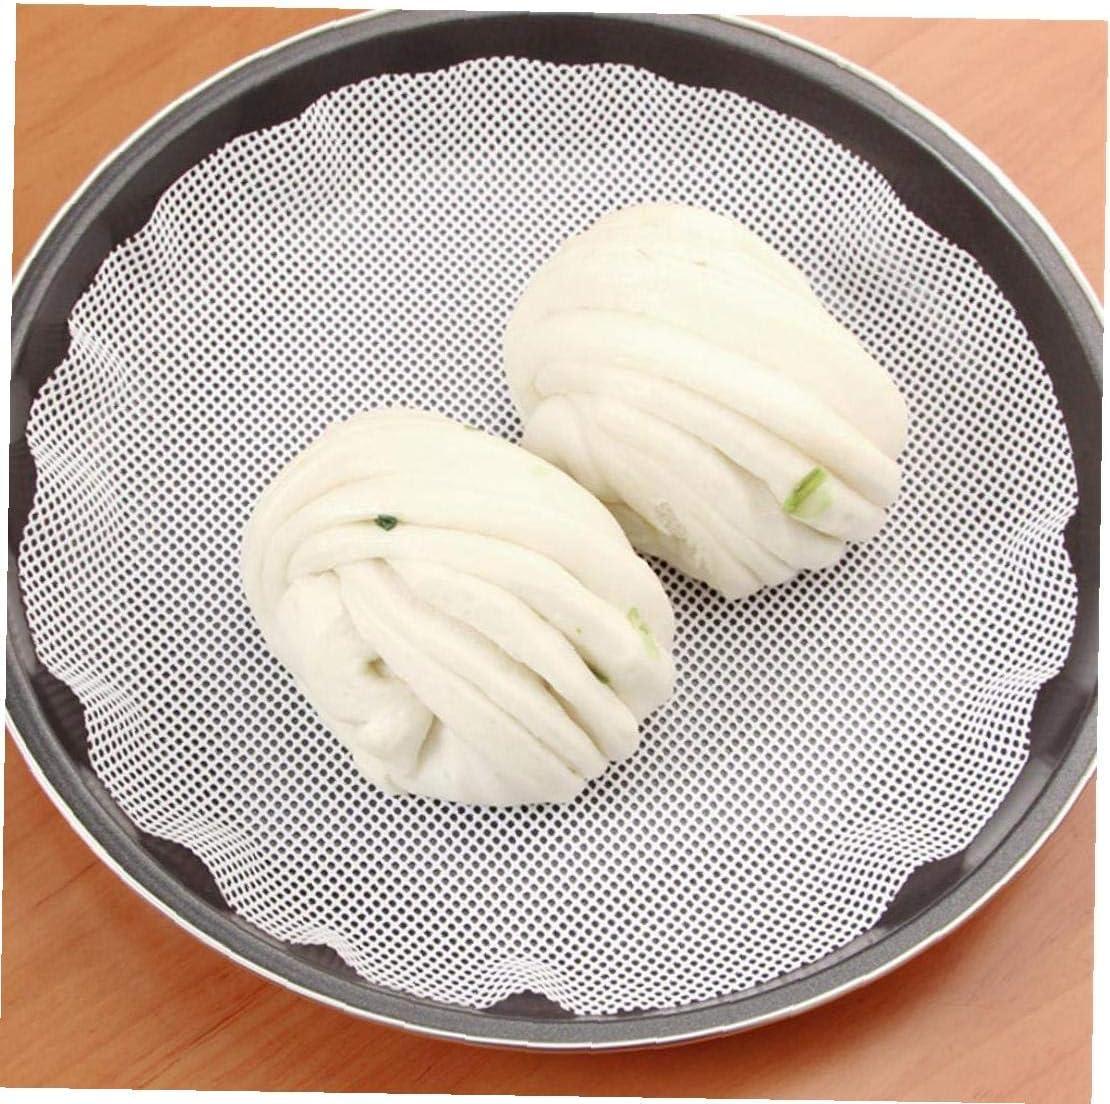 Beito 1pc Antiadherente de Silicona Blanca Vapor Dim Sum Restaurante de Papel de Cocina Bajo Vapores Mat Cocina Que Cocina Herramientas Accesorios